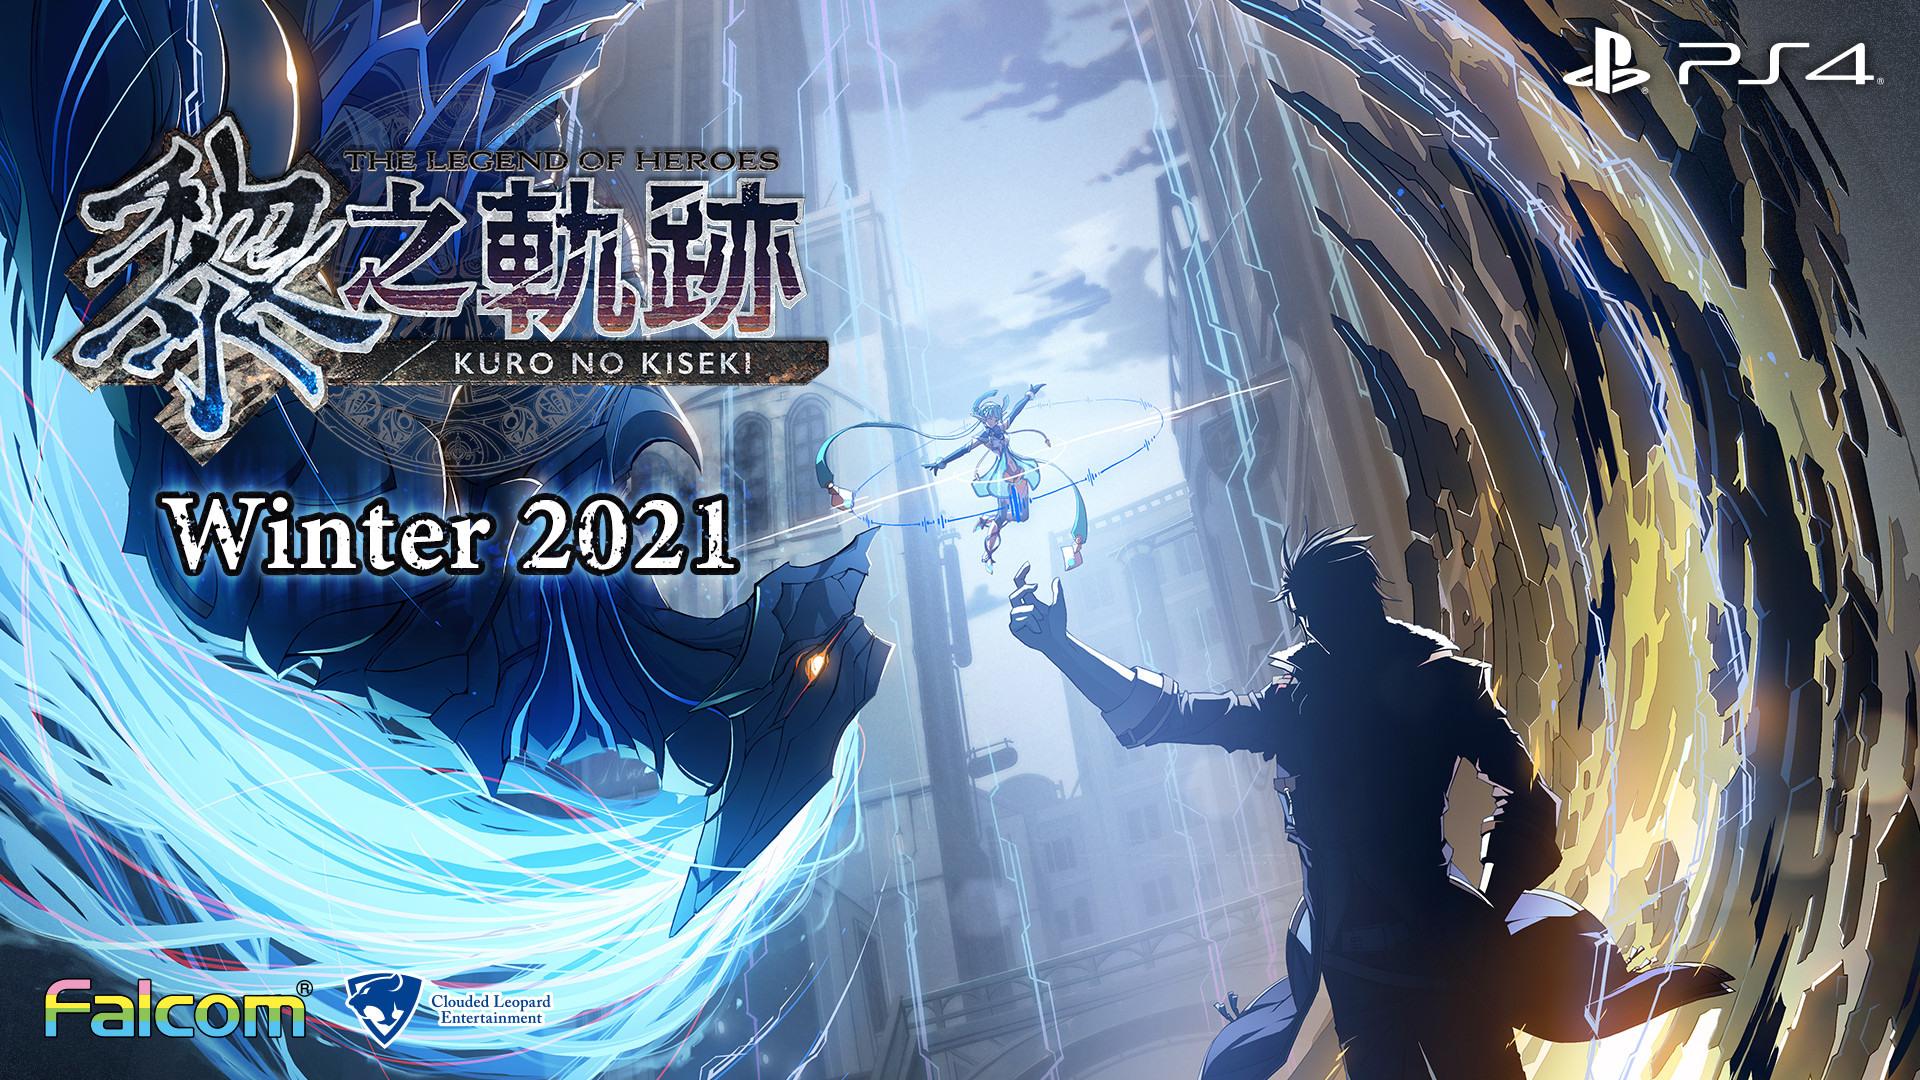 《英雄传说:黎之轨迹》中文版今年冬季发售